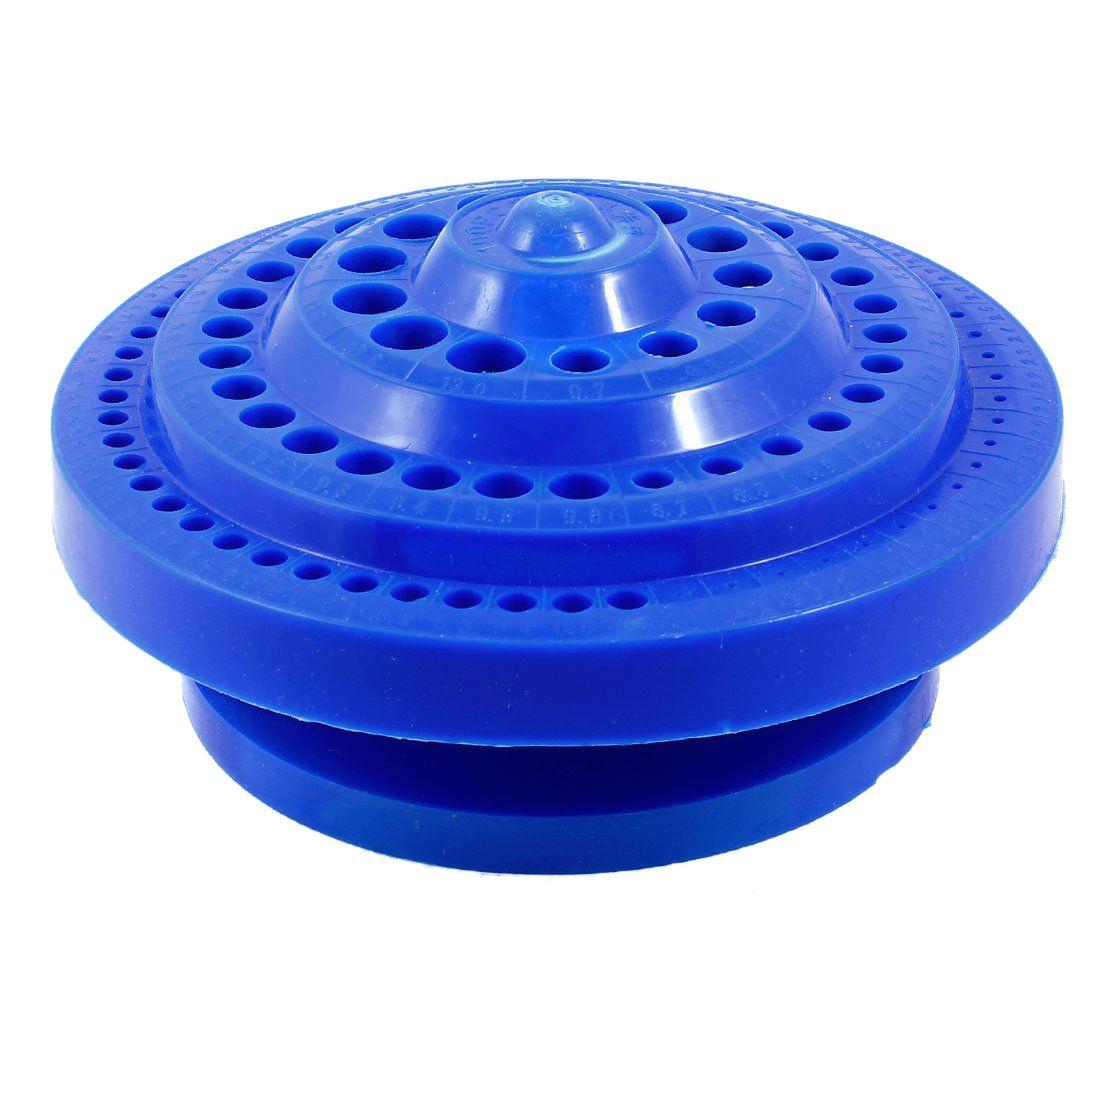 Runde Form Kunststoff Hard Bohrer Aufbewahrungskoffer-Blau